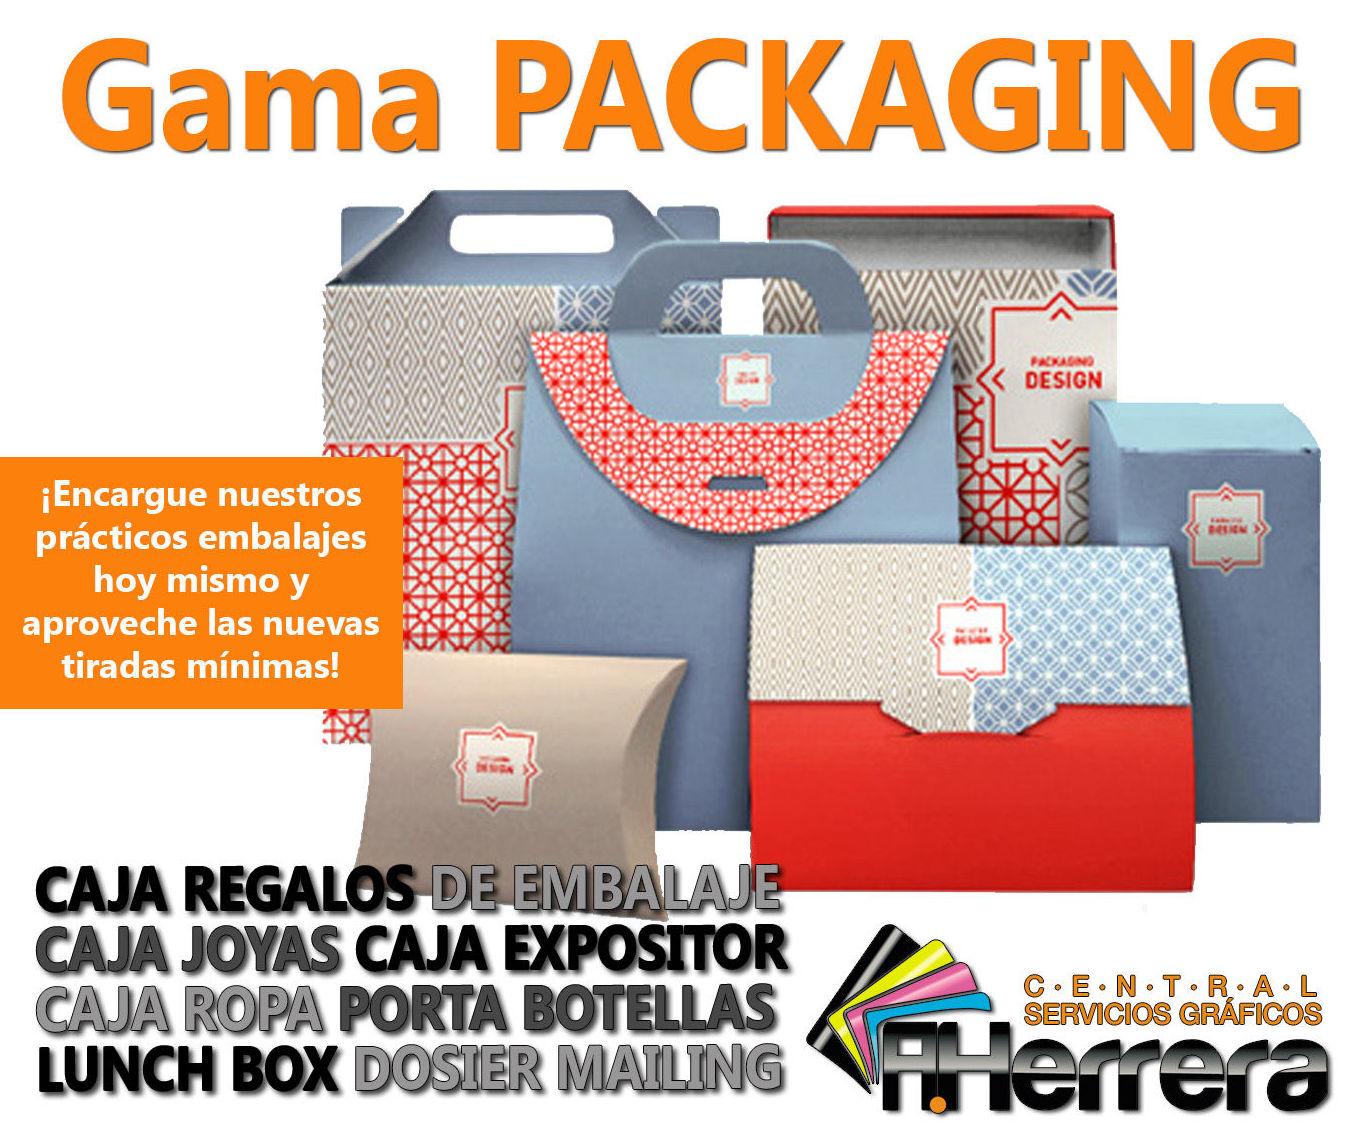 Gama Packaging